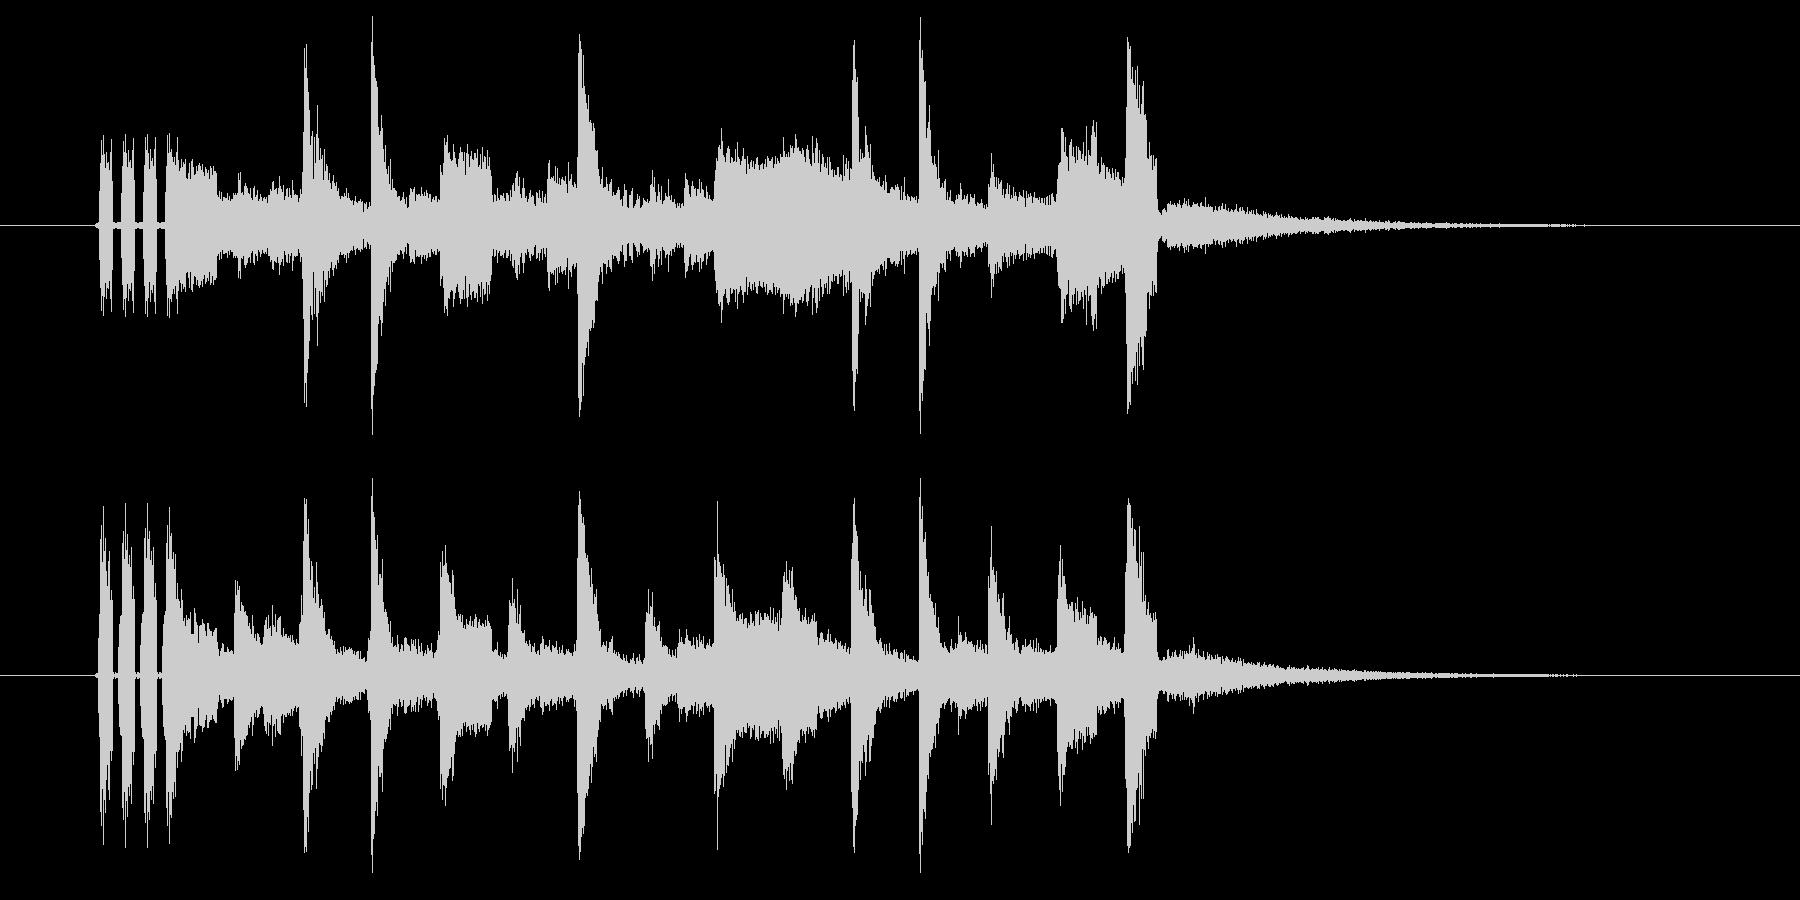 クールなアコギのアルペジオのジングル曲の未再生の波形